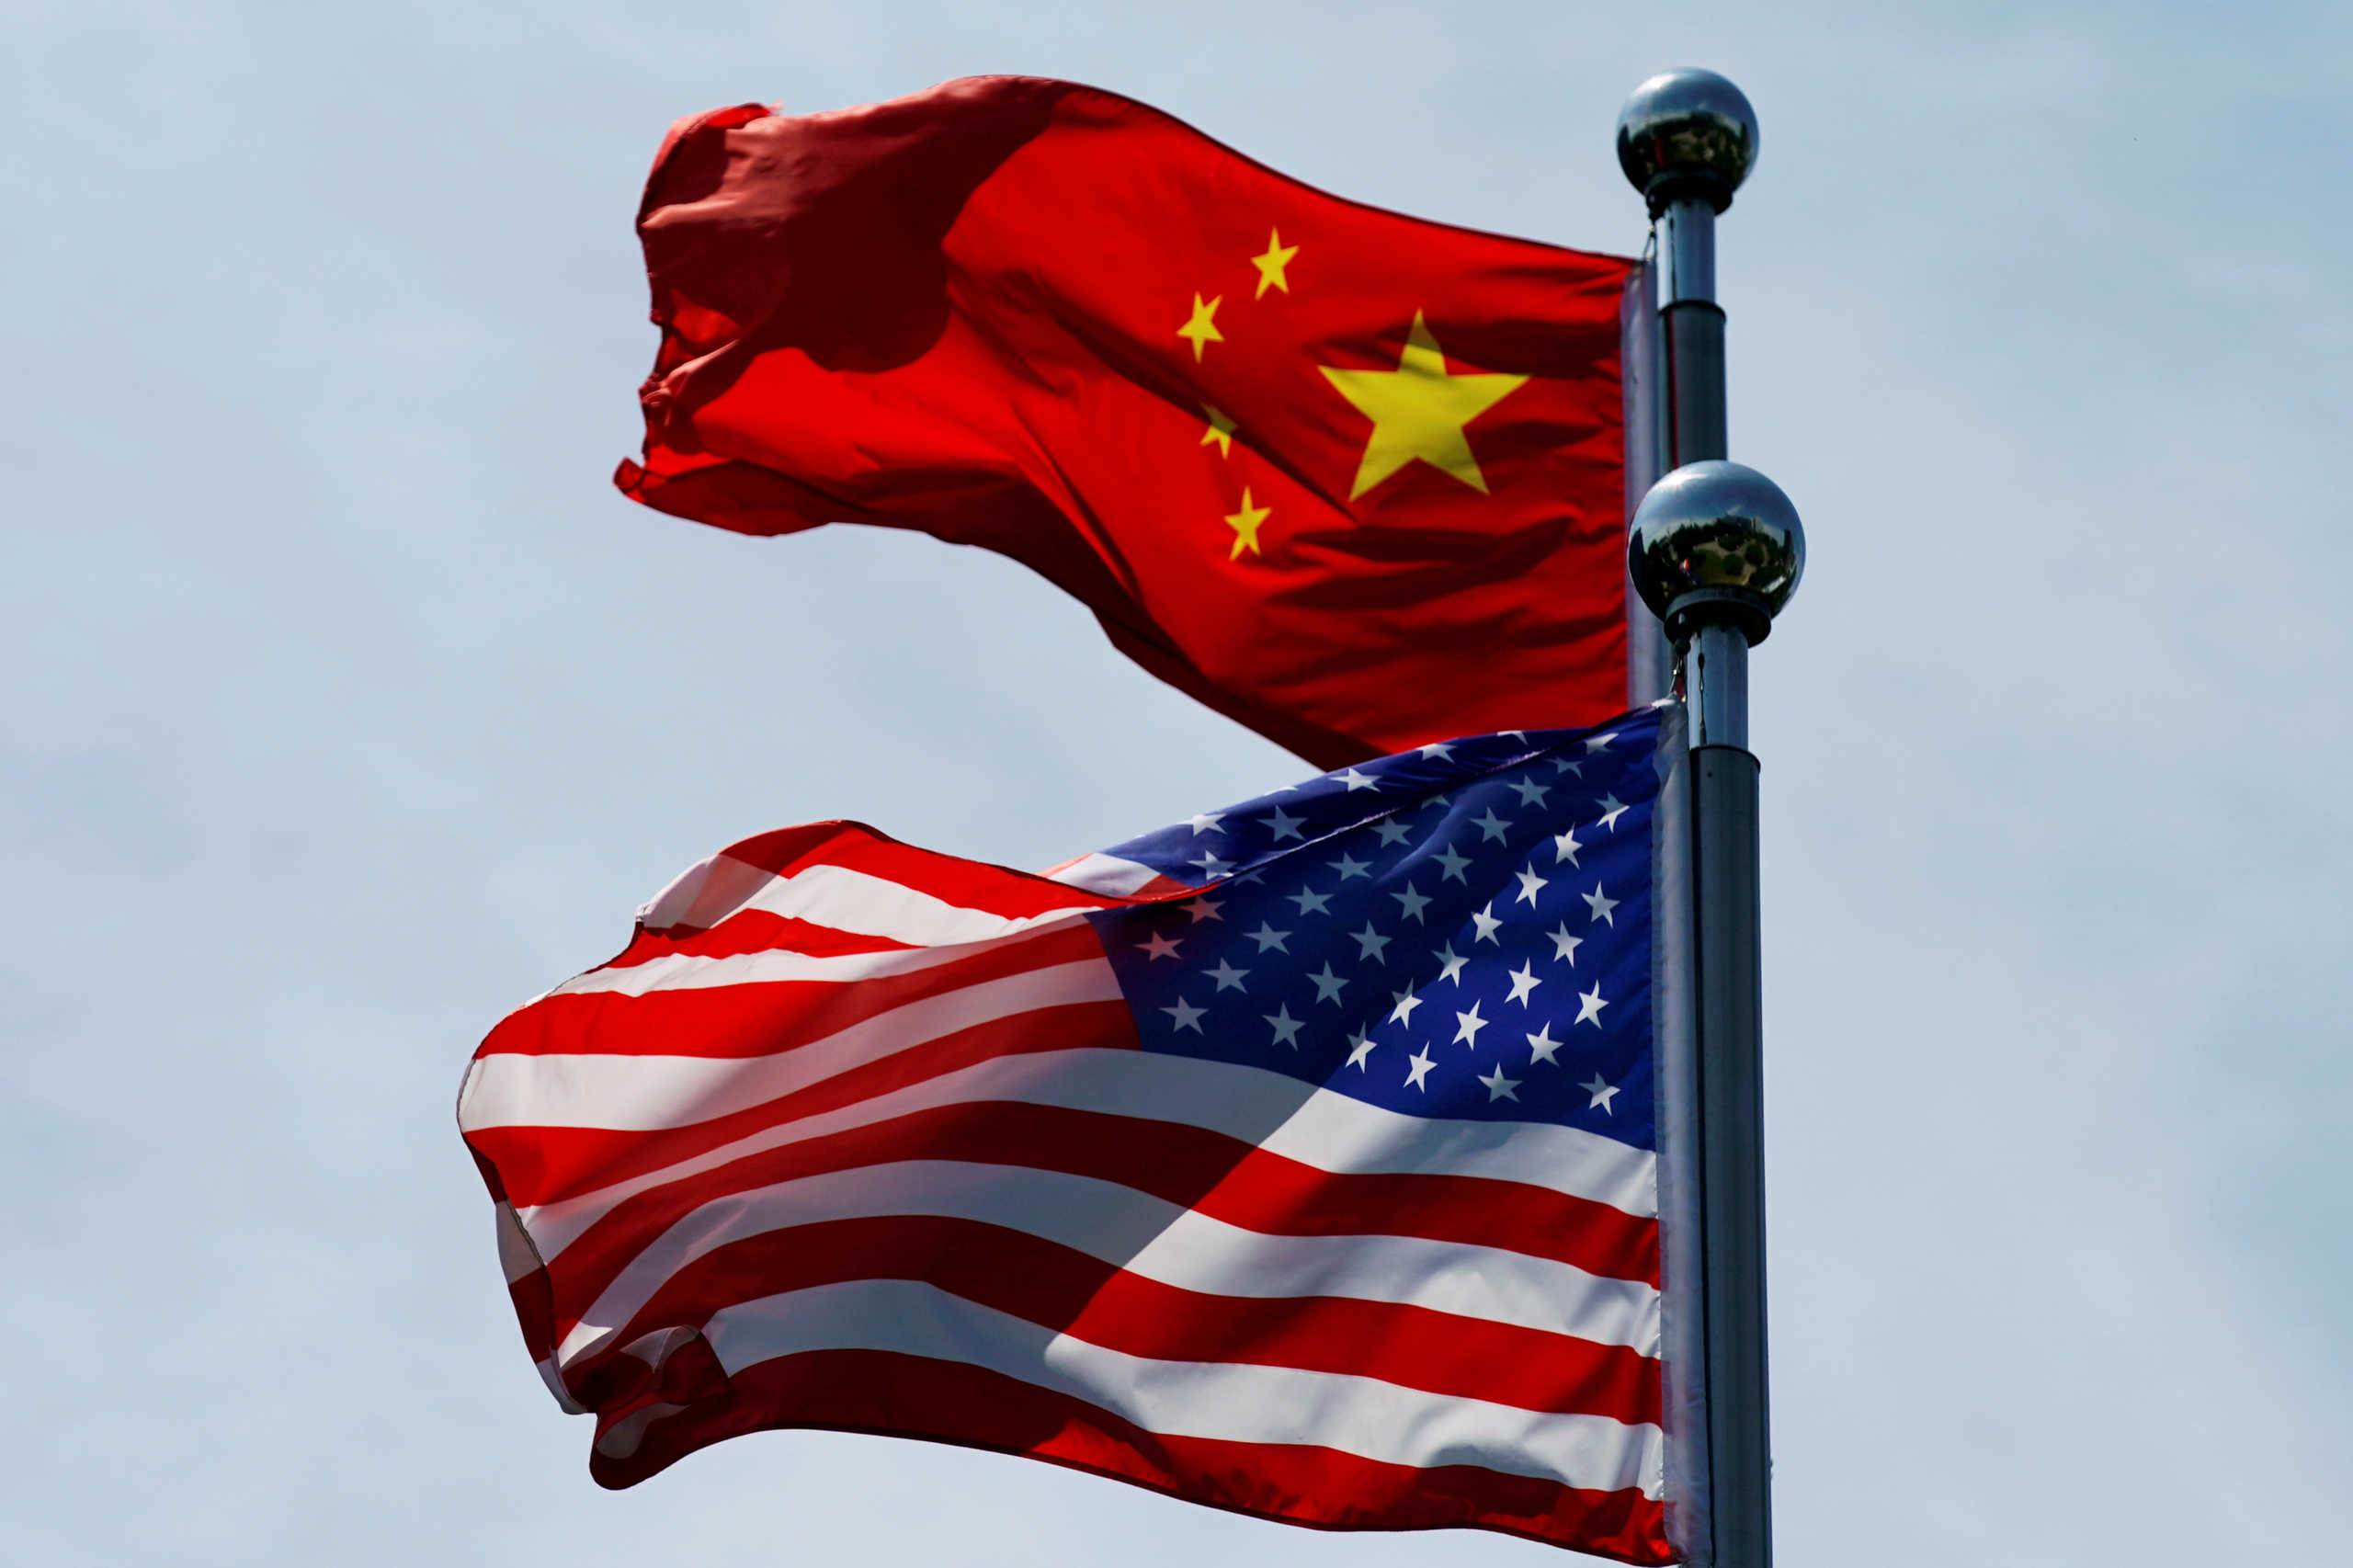 Κίνα: «Οι ΗΠΑ χρησιμοποιούν το δίκαιο για να εδραιώσουν την ηγεμονία τους»